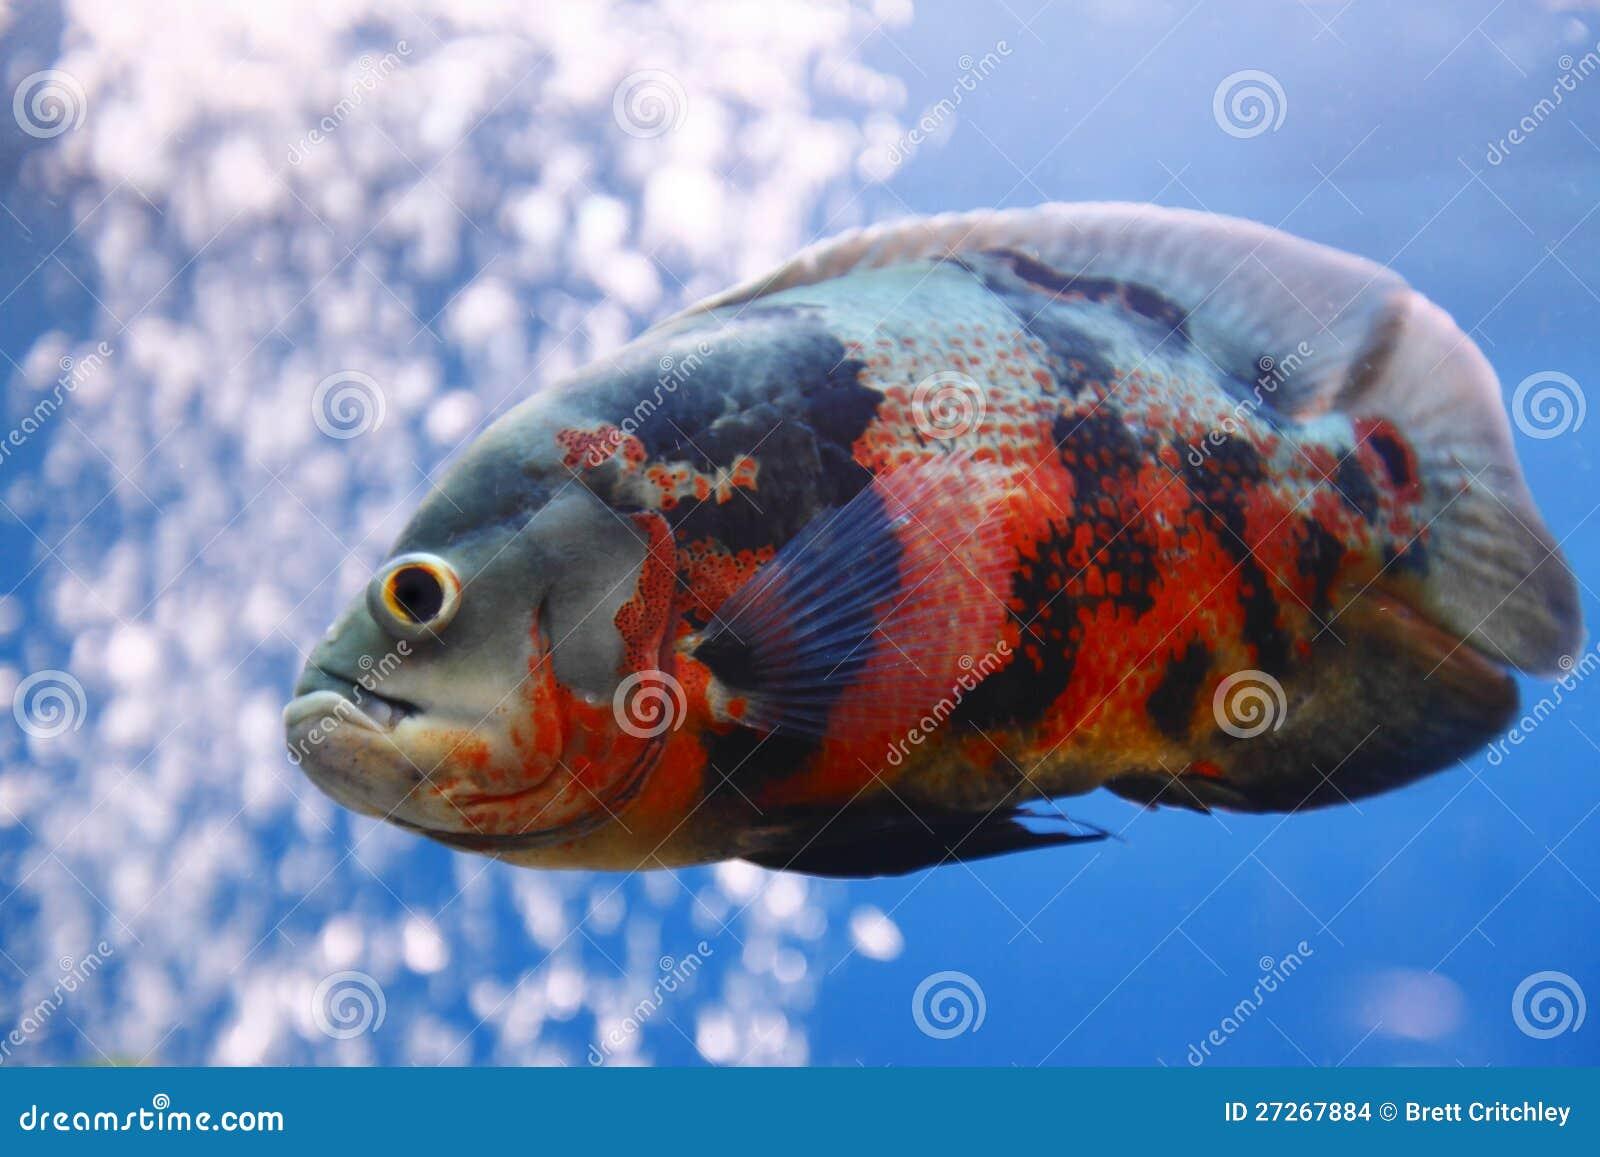 Watch additionally Quegli Animali Troppo Brutti Essere Amati Dalluomo 945915 additionally Der Teutsche Wallfisch Und Sein Scheussliches Maul furthermore Index2 as well 8340779732. on huge oscar fish